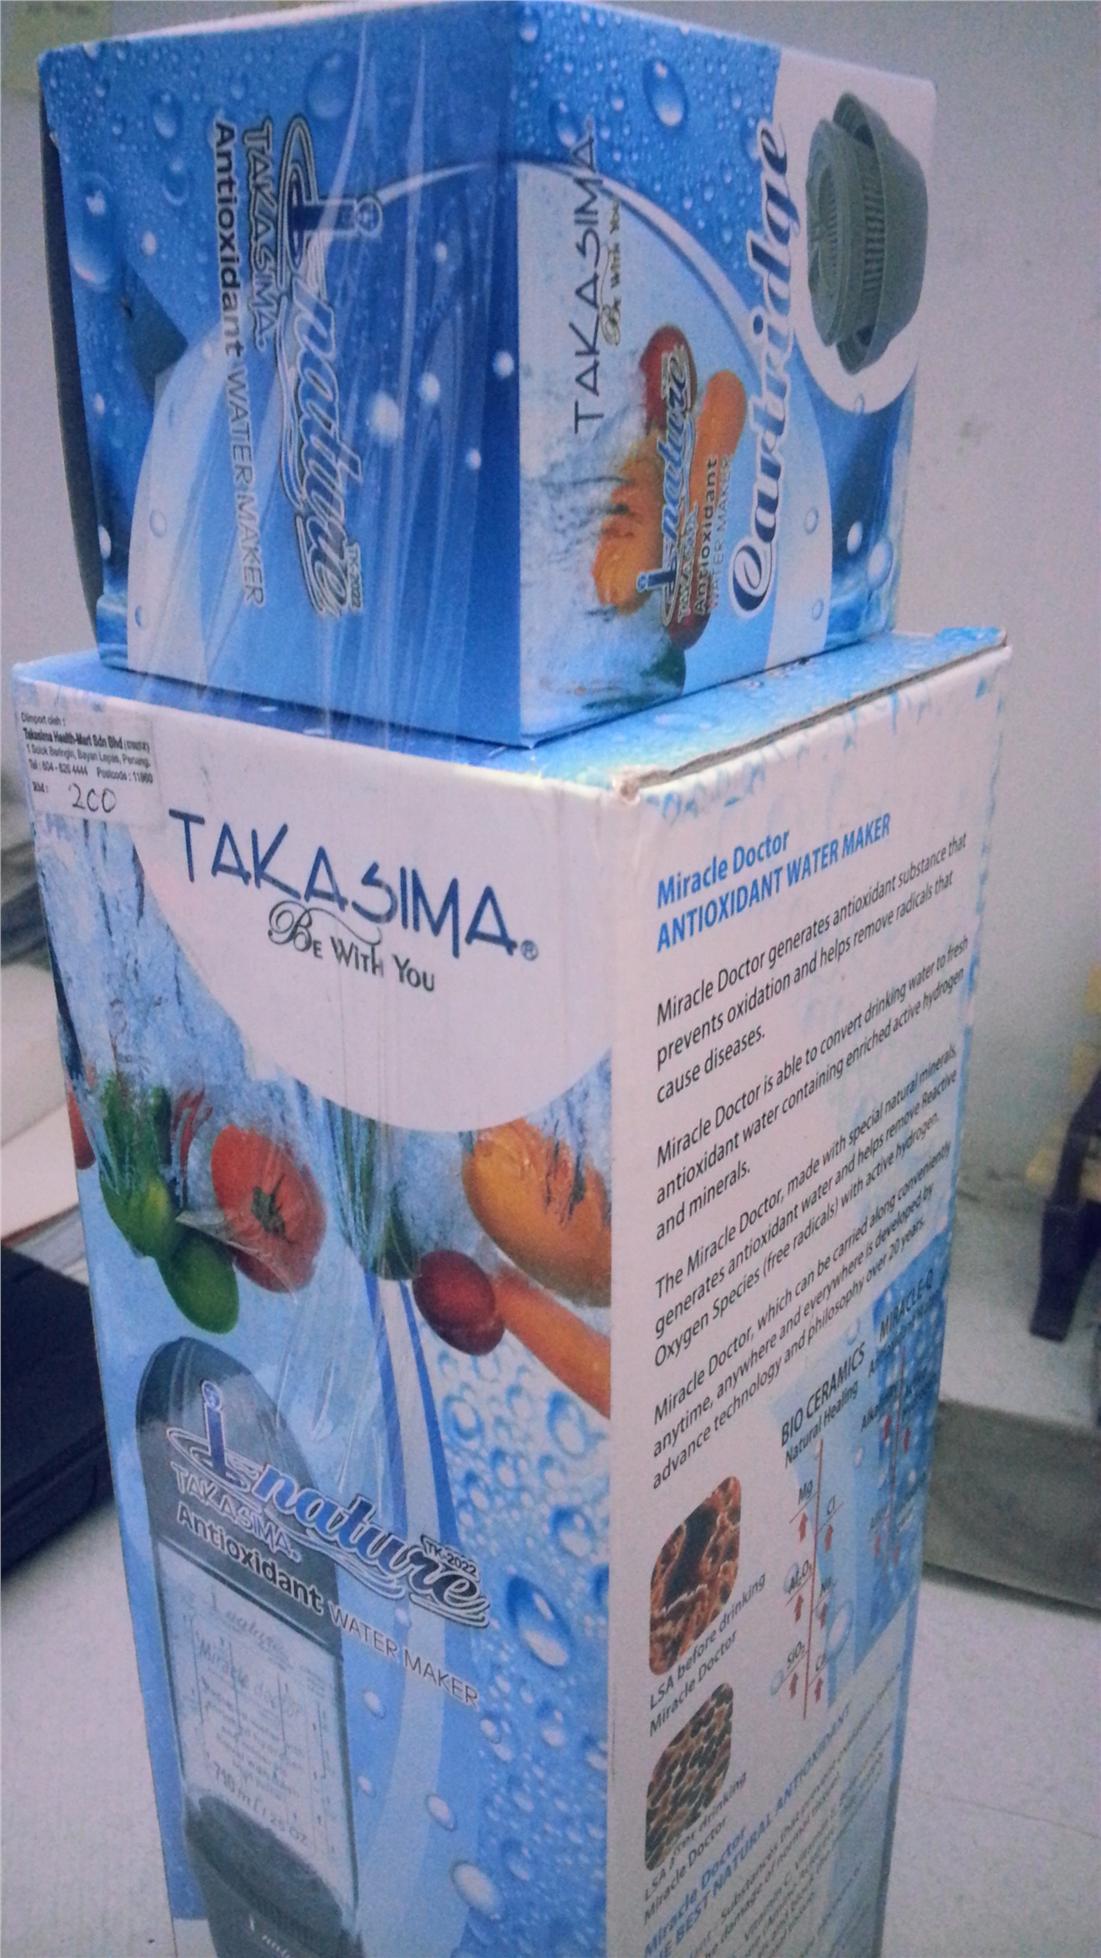 Takasima Anti Oxidant Water Maker. ‹ ›